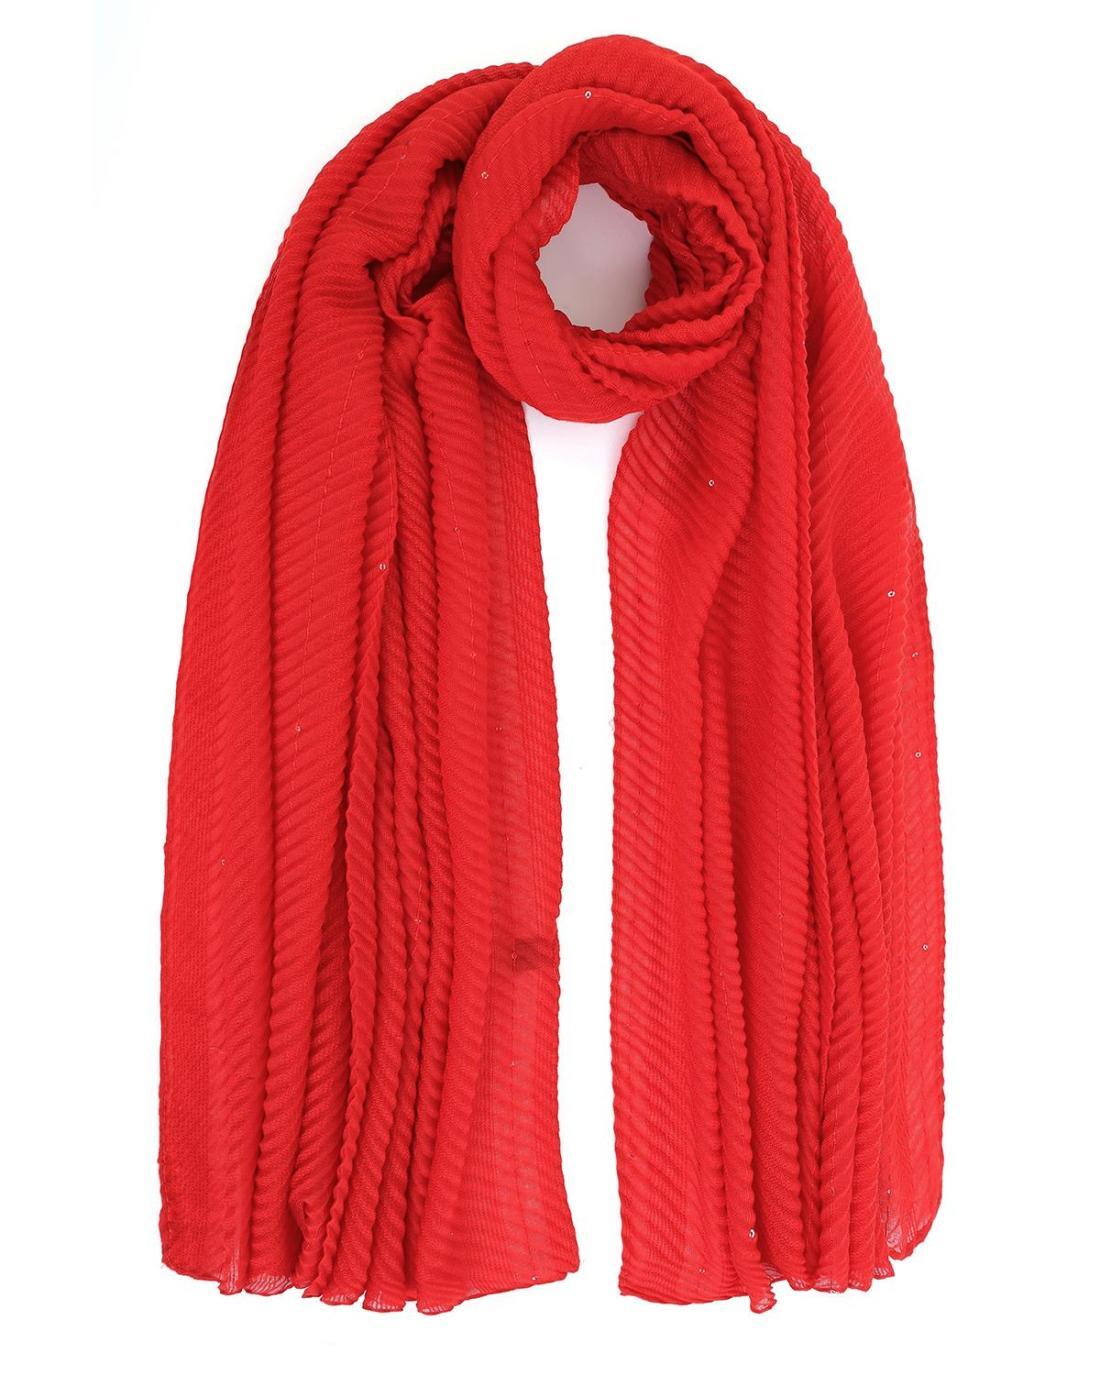 Foulard-Tücher rot